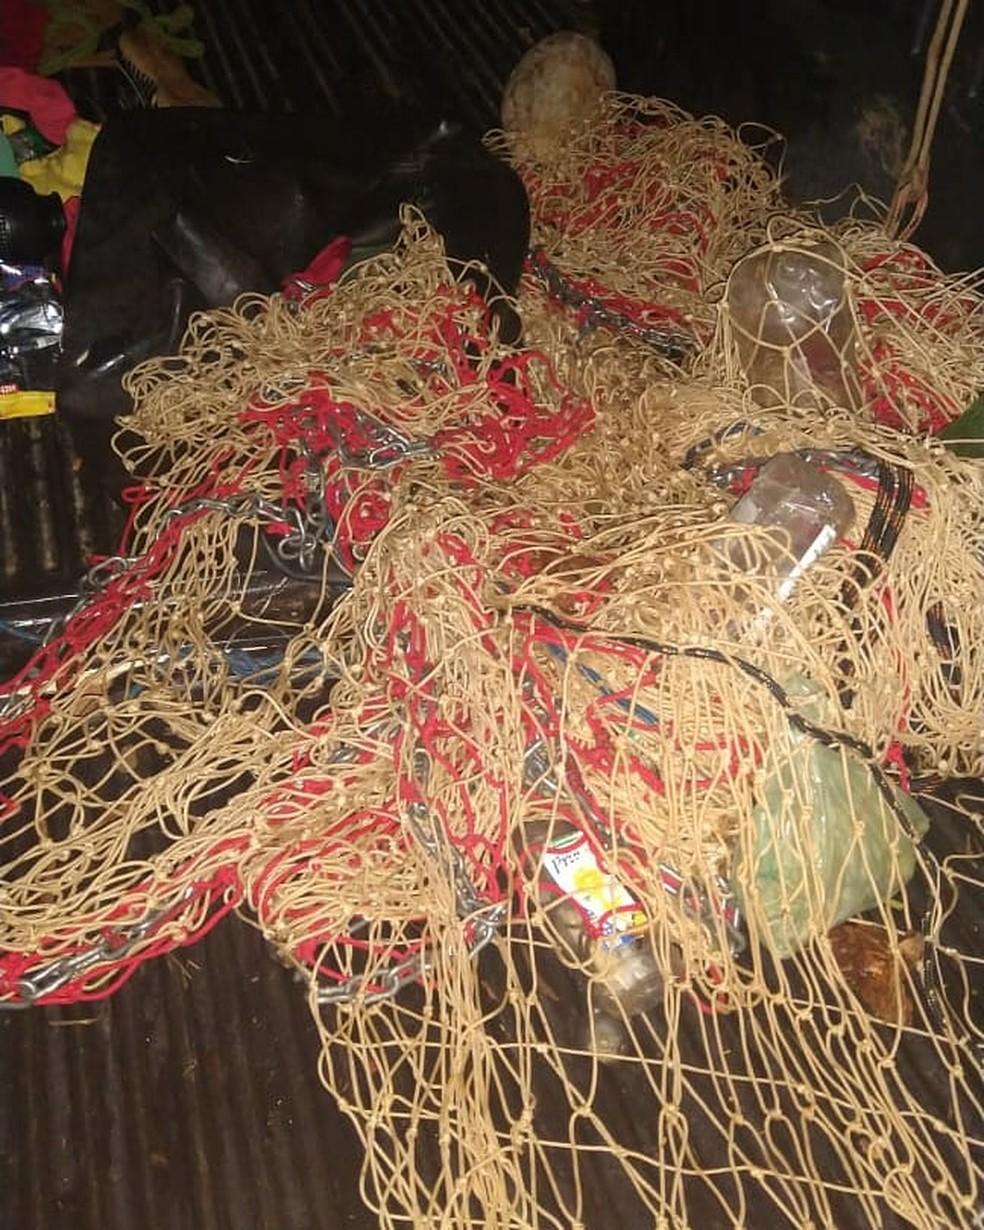 Rede de pesca foi apreendida — Foto: Batalhão Ambiental da Polícia Militar/Divulgação